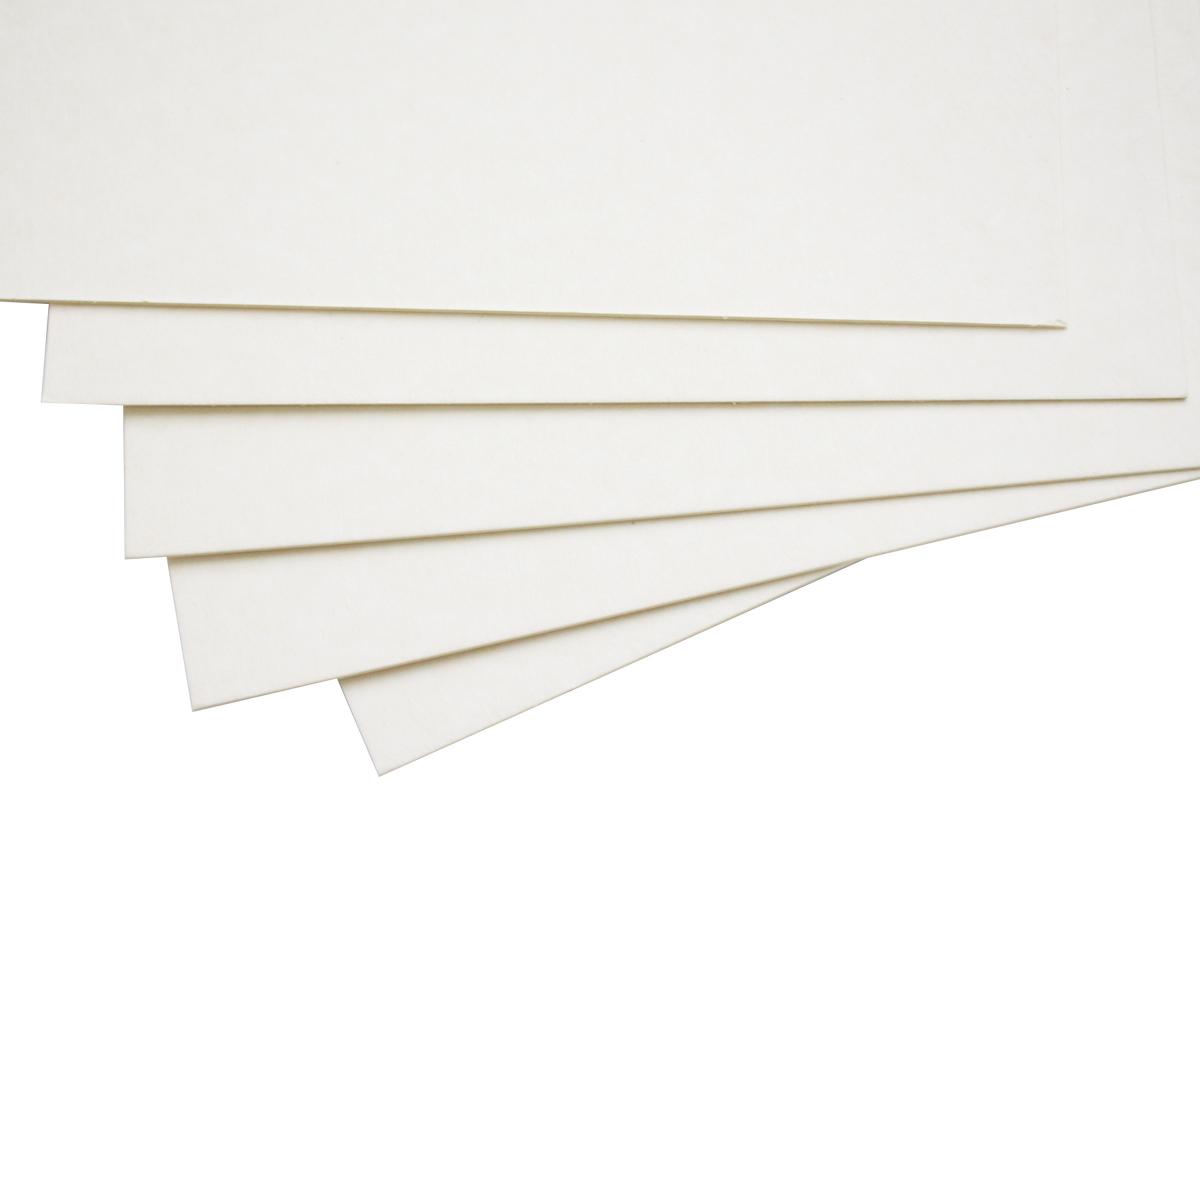 Картон пивной ЧипАрт, толщина 1 мм, 30,5 х 30,5 см, 5 листов582752Картон является незаменимой частью многих работ в скрапбукинге. Пивной картон состоит из множества тонких слоев, и легко режется, поэтому прекрасно подойдет для изготовления страниц в альбомах.